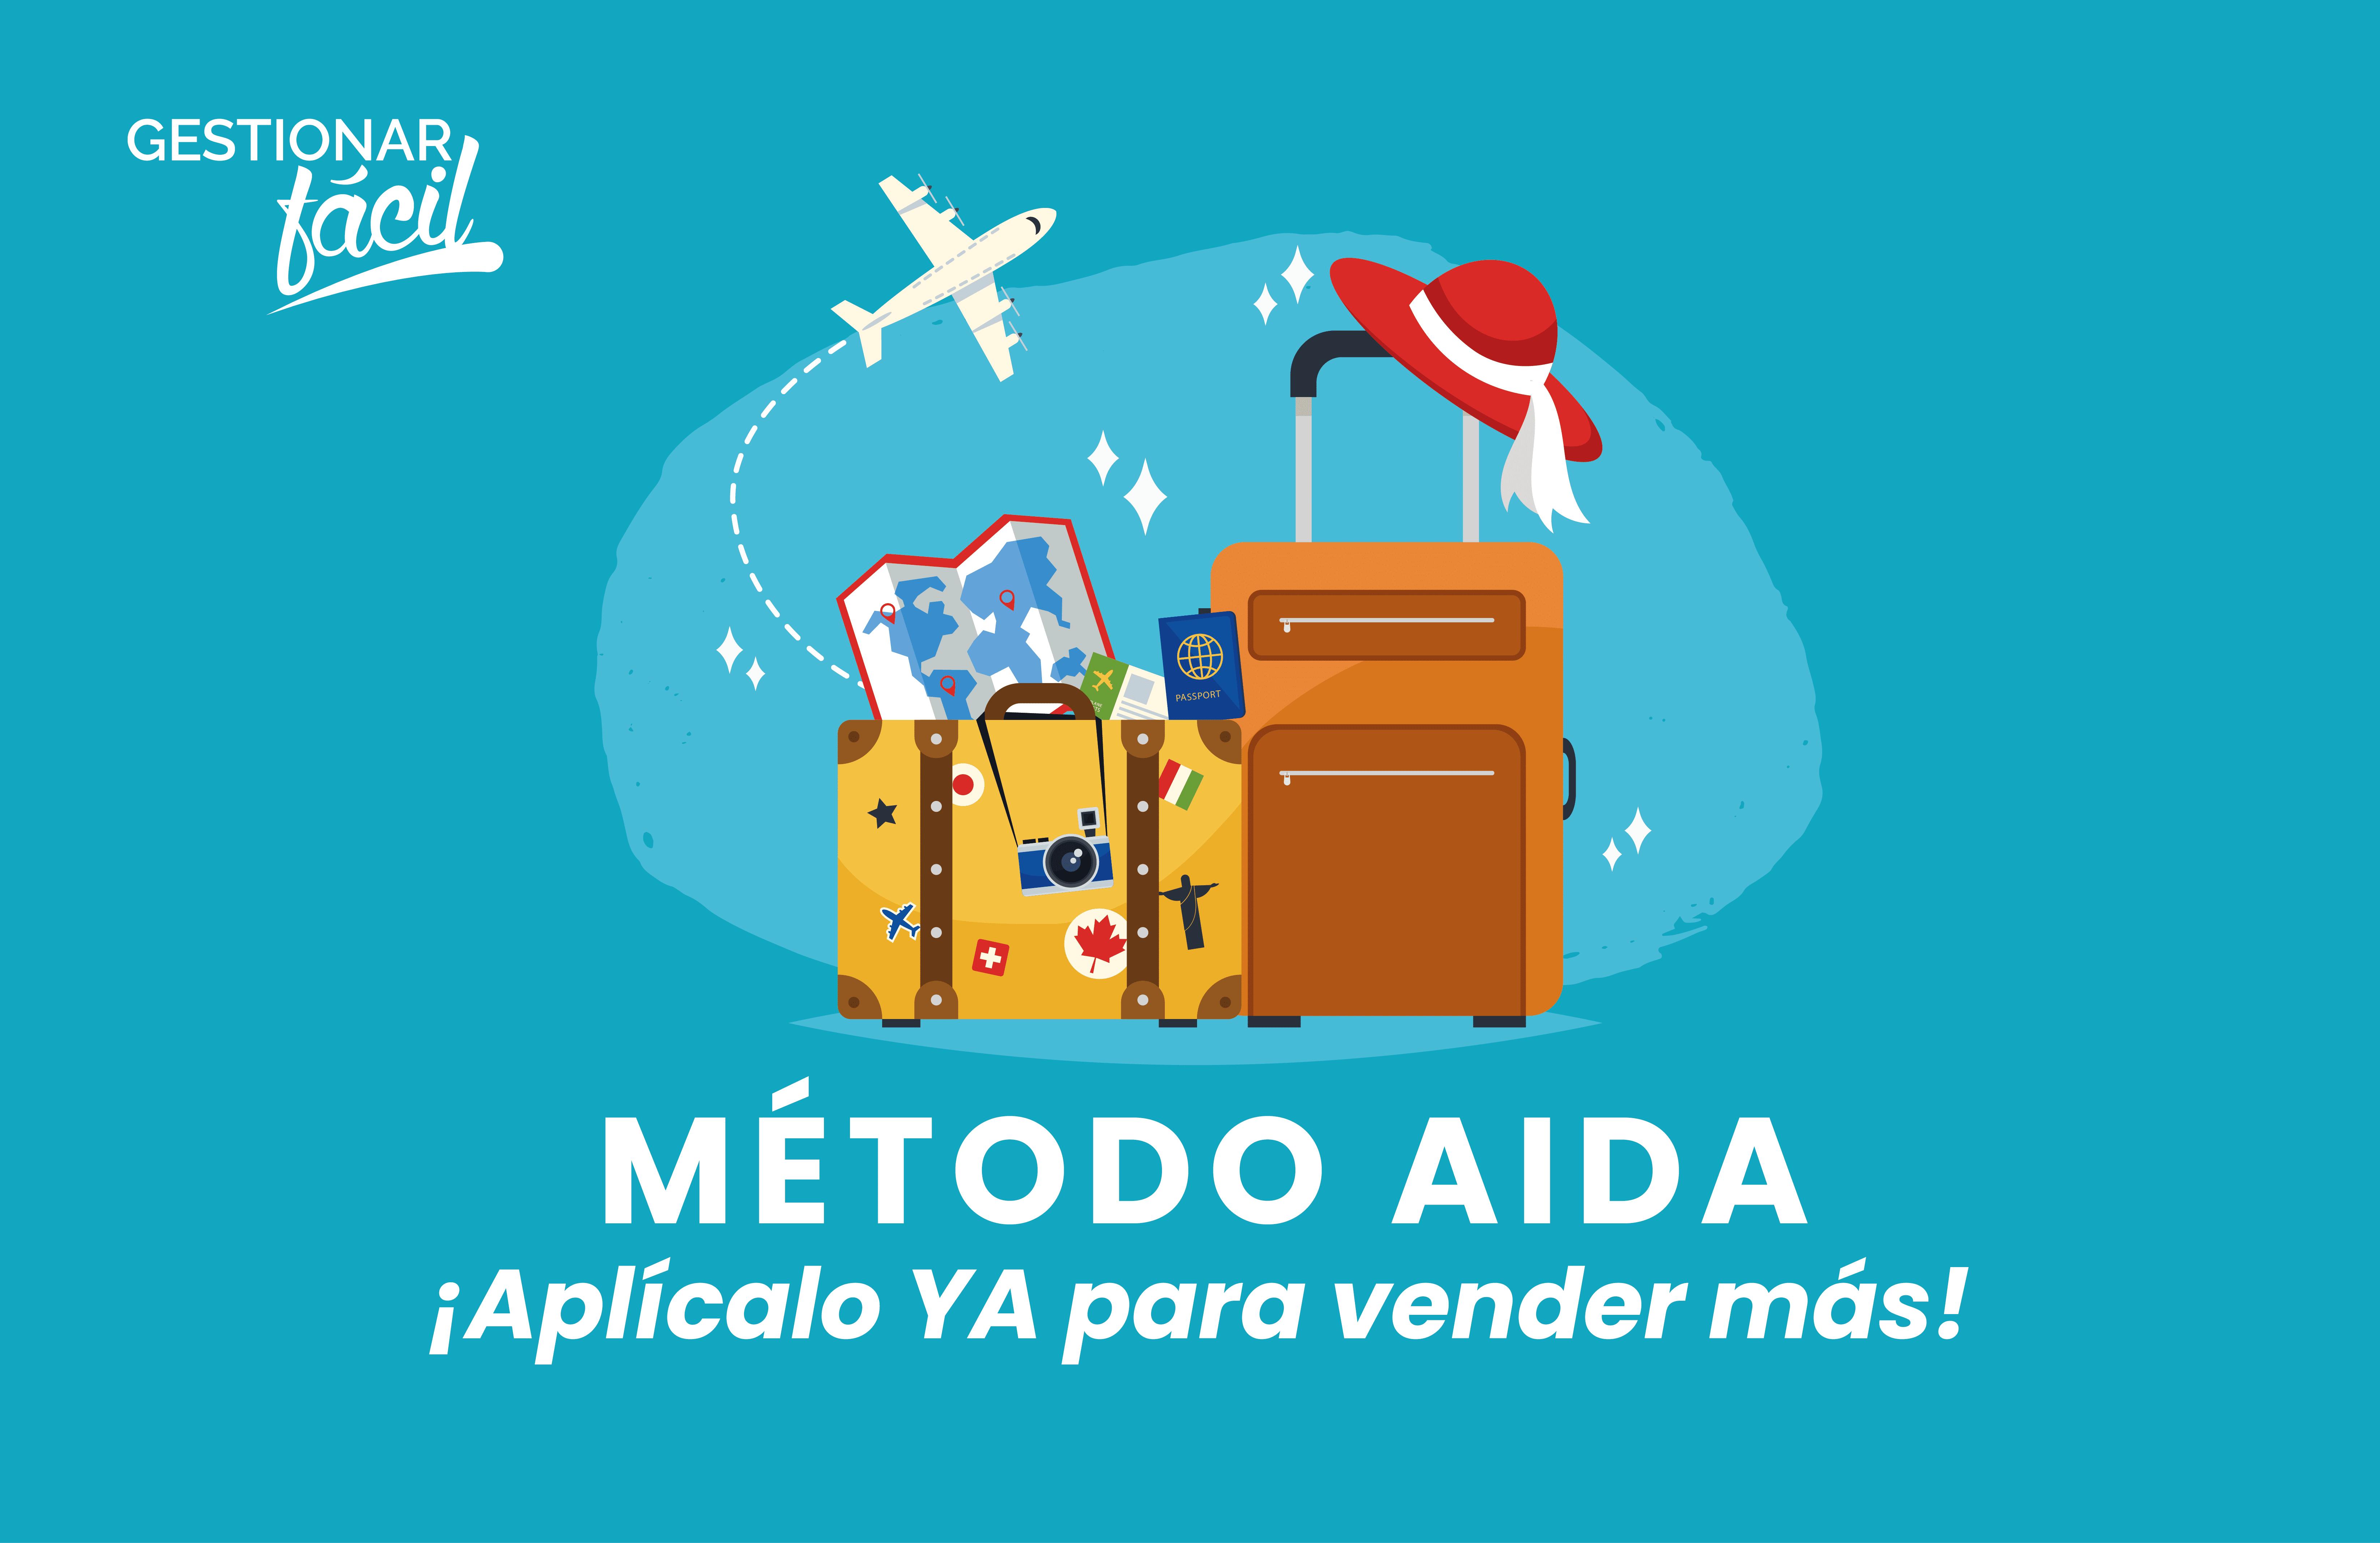 Cómo aplicar el método AIDA para vender viajes turísticos